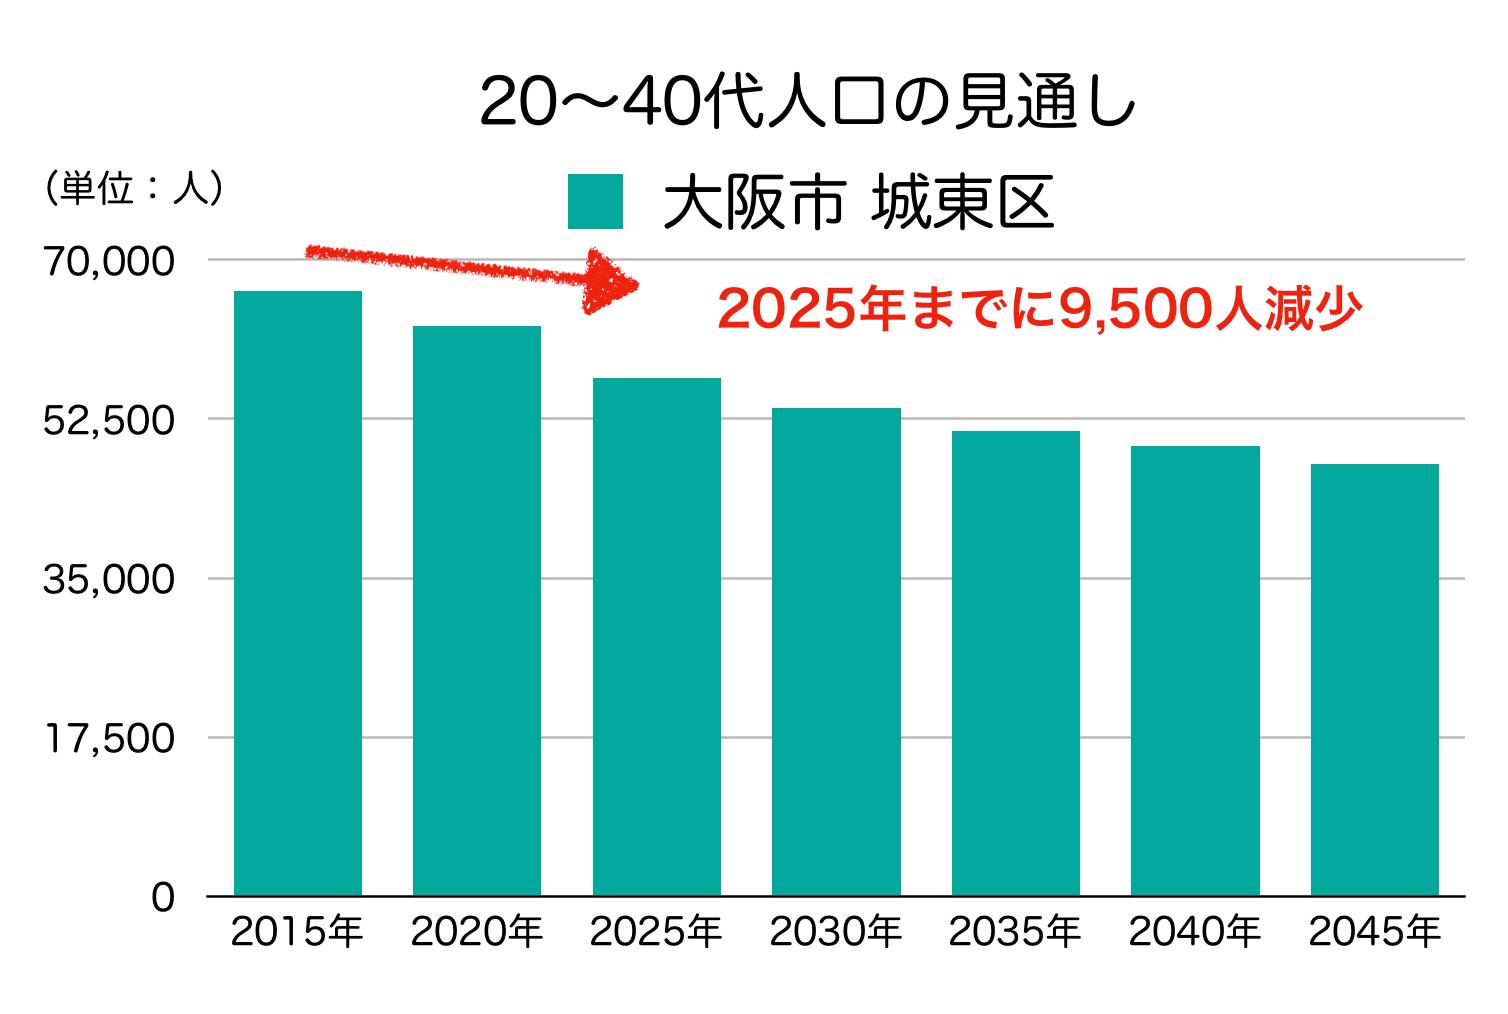 城東区の20〜40代人口の予測